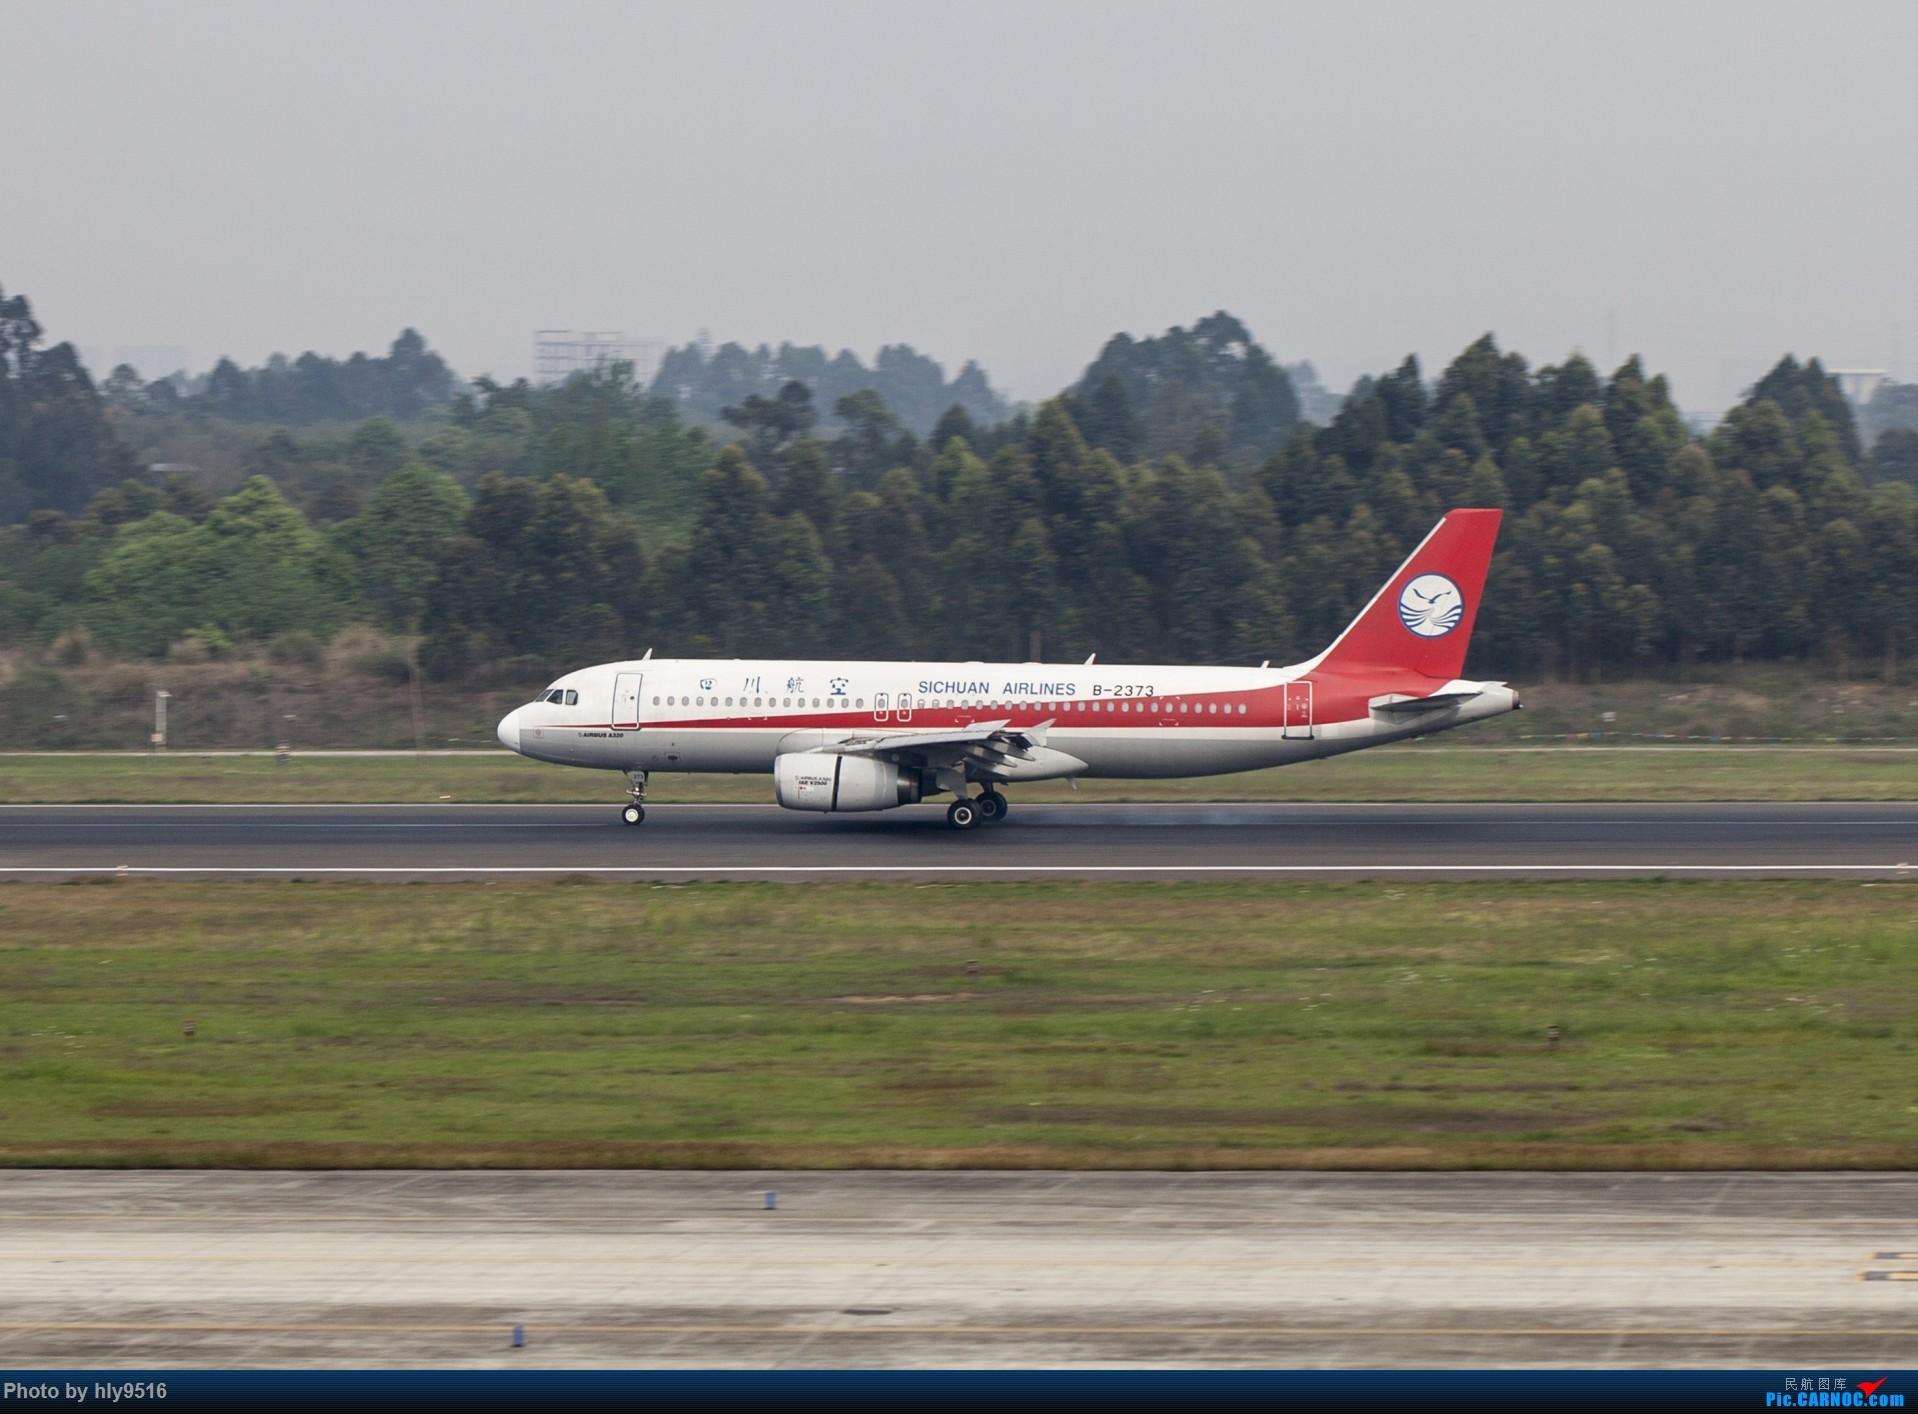 Re:[原创]【CTU】终于解决了大怨念南航A380 偶遇长荣新涂装 两次复飞 小怨念若干 AIRBUS A320-200 B-2373 中国成都双流国际机场